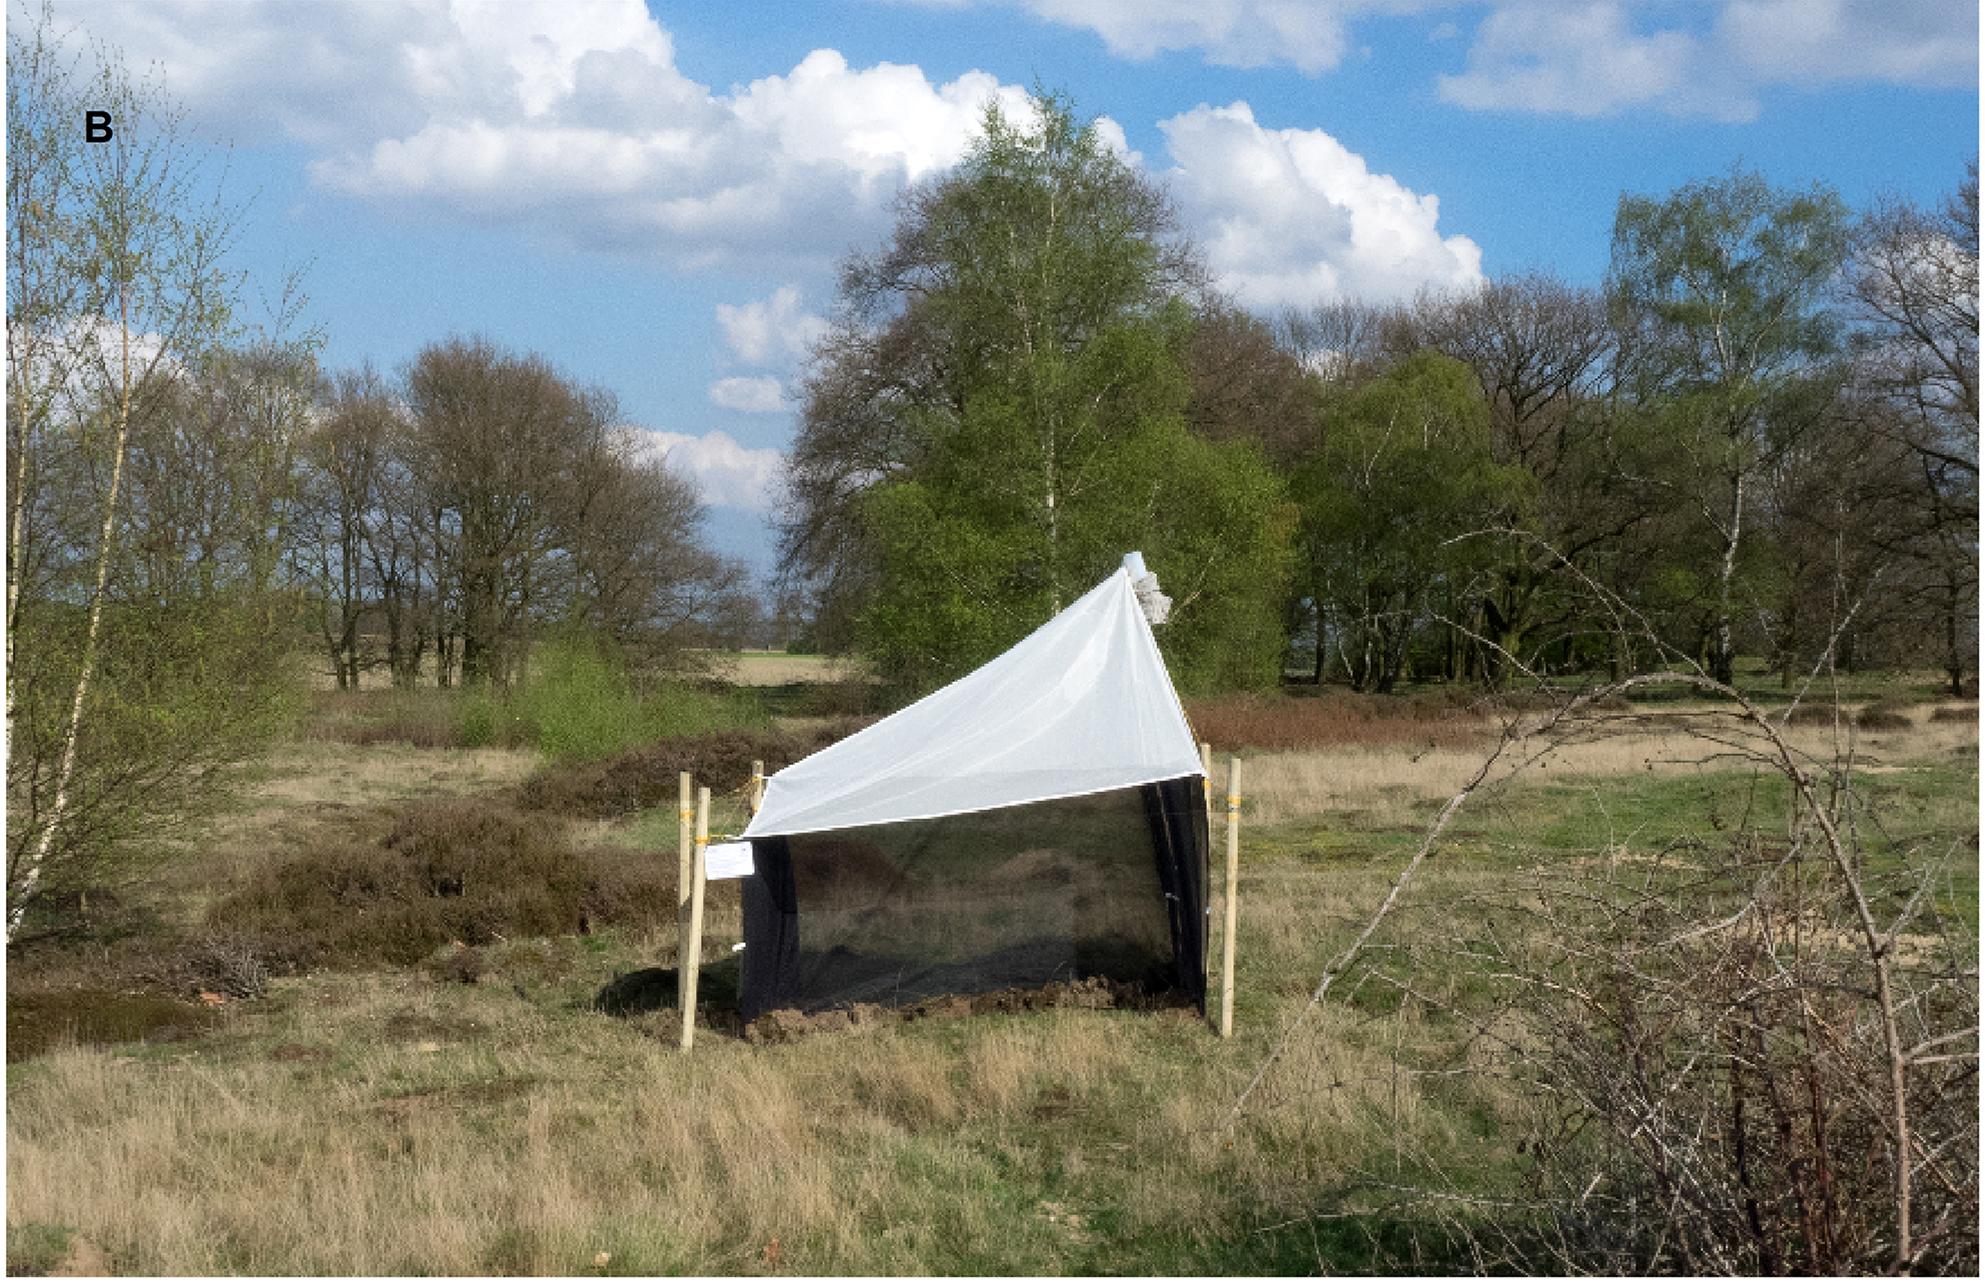 Так выглядит марлевая ловушка для замера биомассы насекомых / Источник: PLOS One